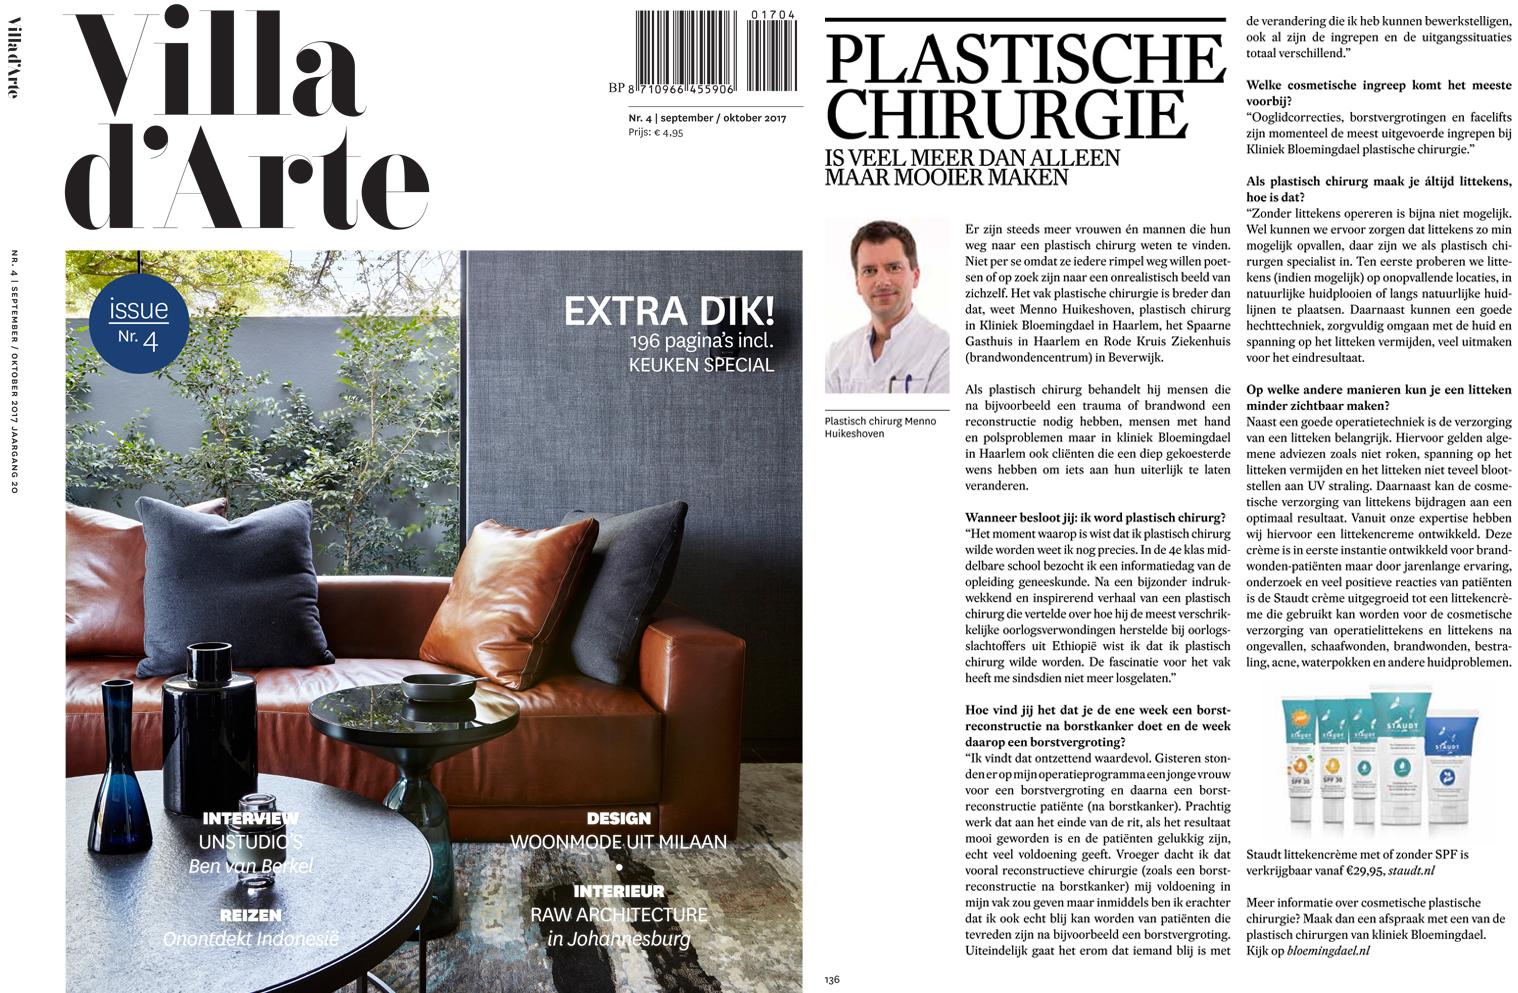 villa d arte 1 1 - Dr. Menno Huikeshoven vertelt over zijn vak in Villa D'Arte